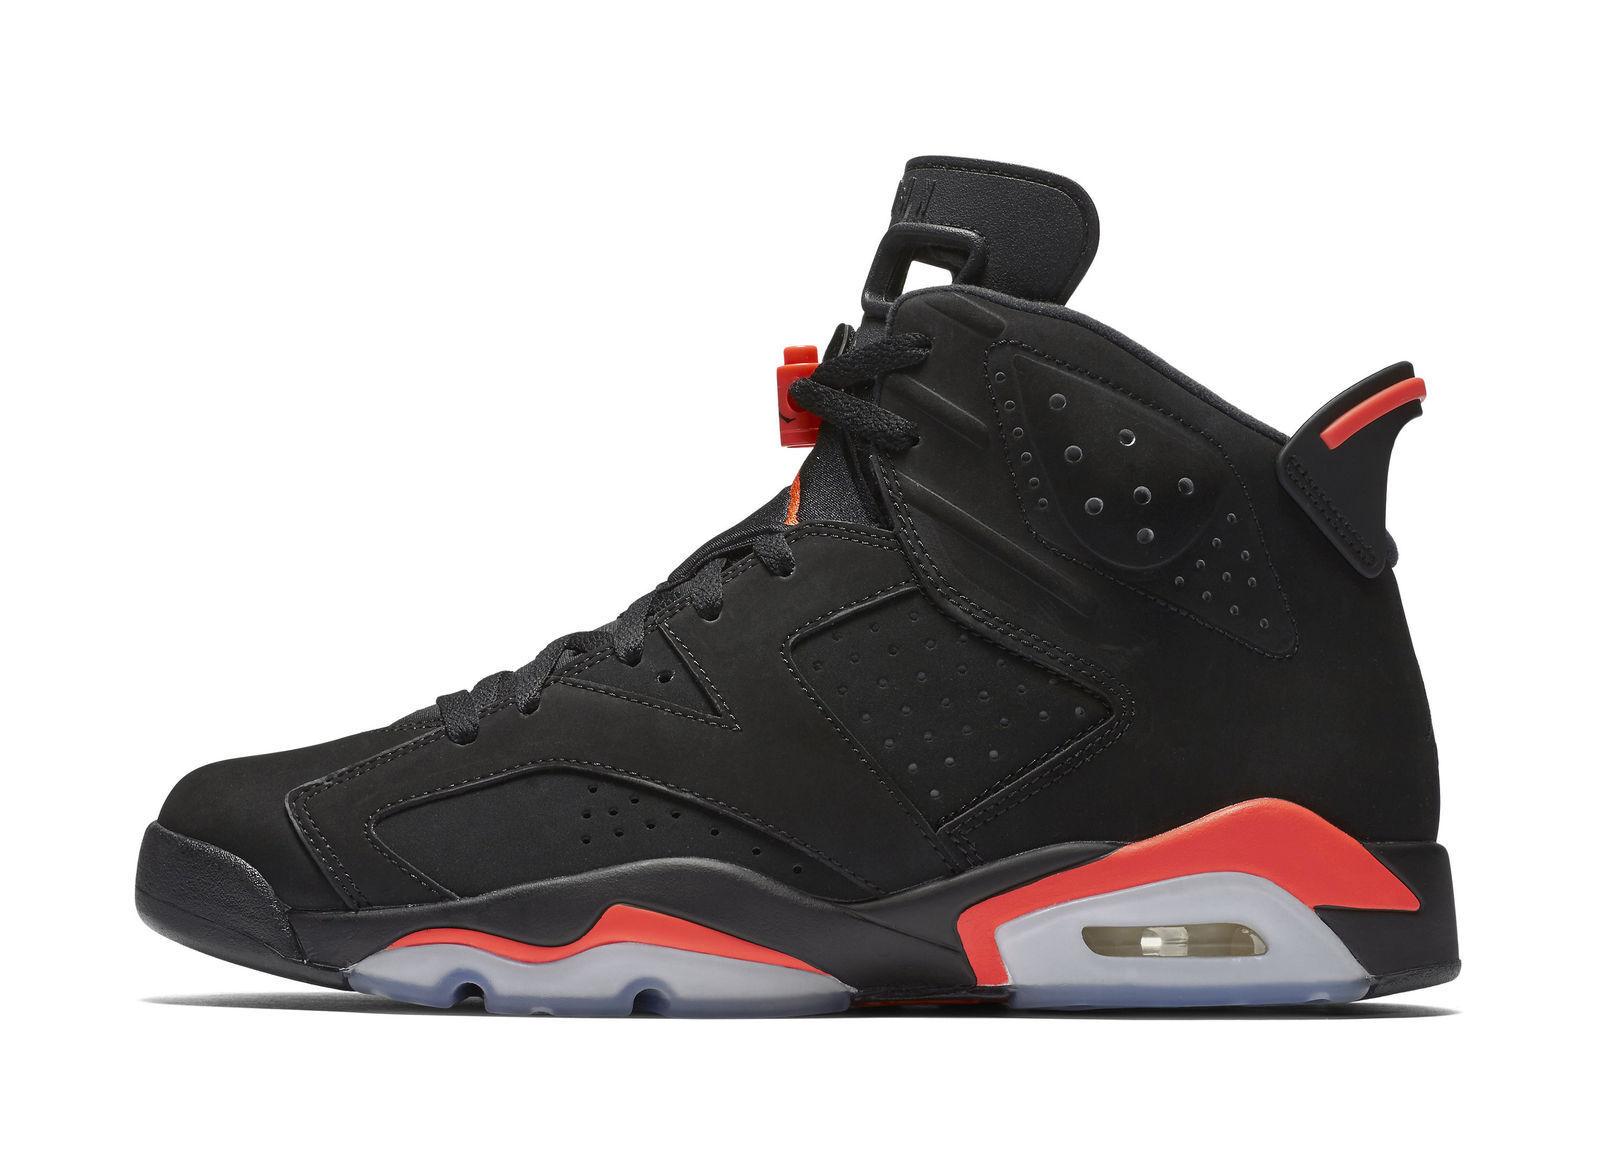 info for b7d76 e8f9c Nike Mens Air Jordan 6 Retro Black Infrared 23 384664-023 for sale ...